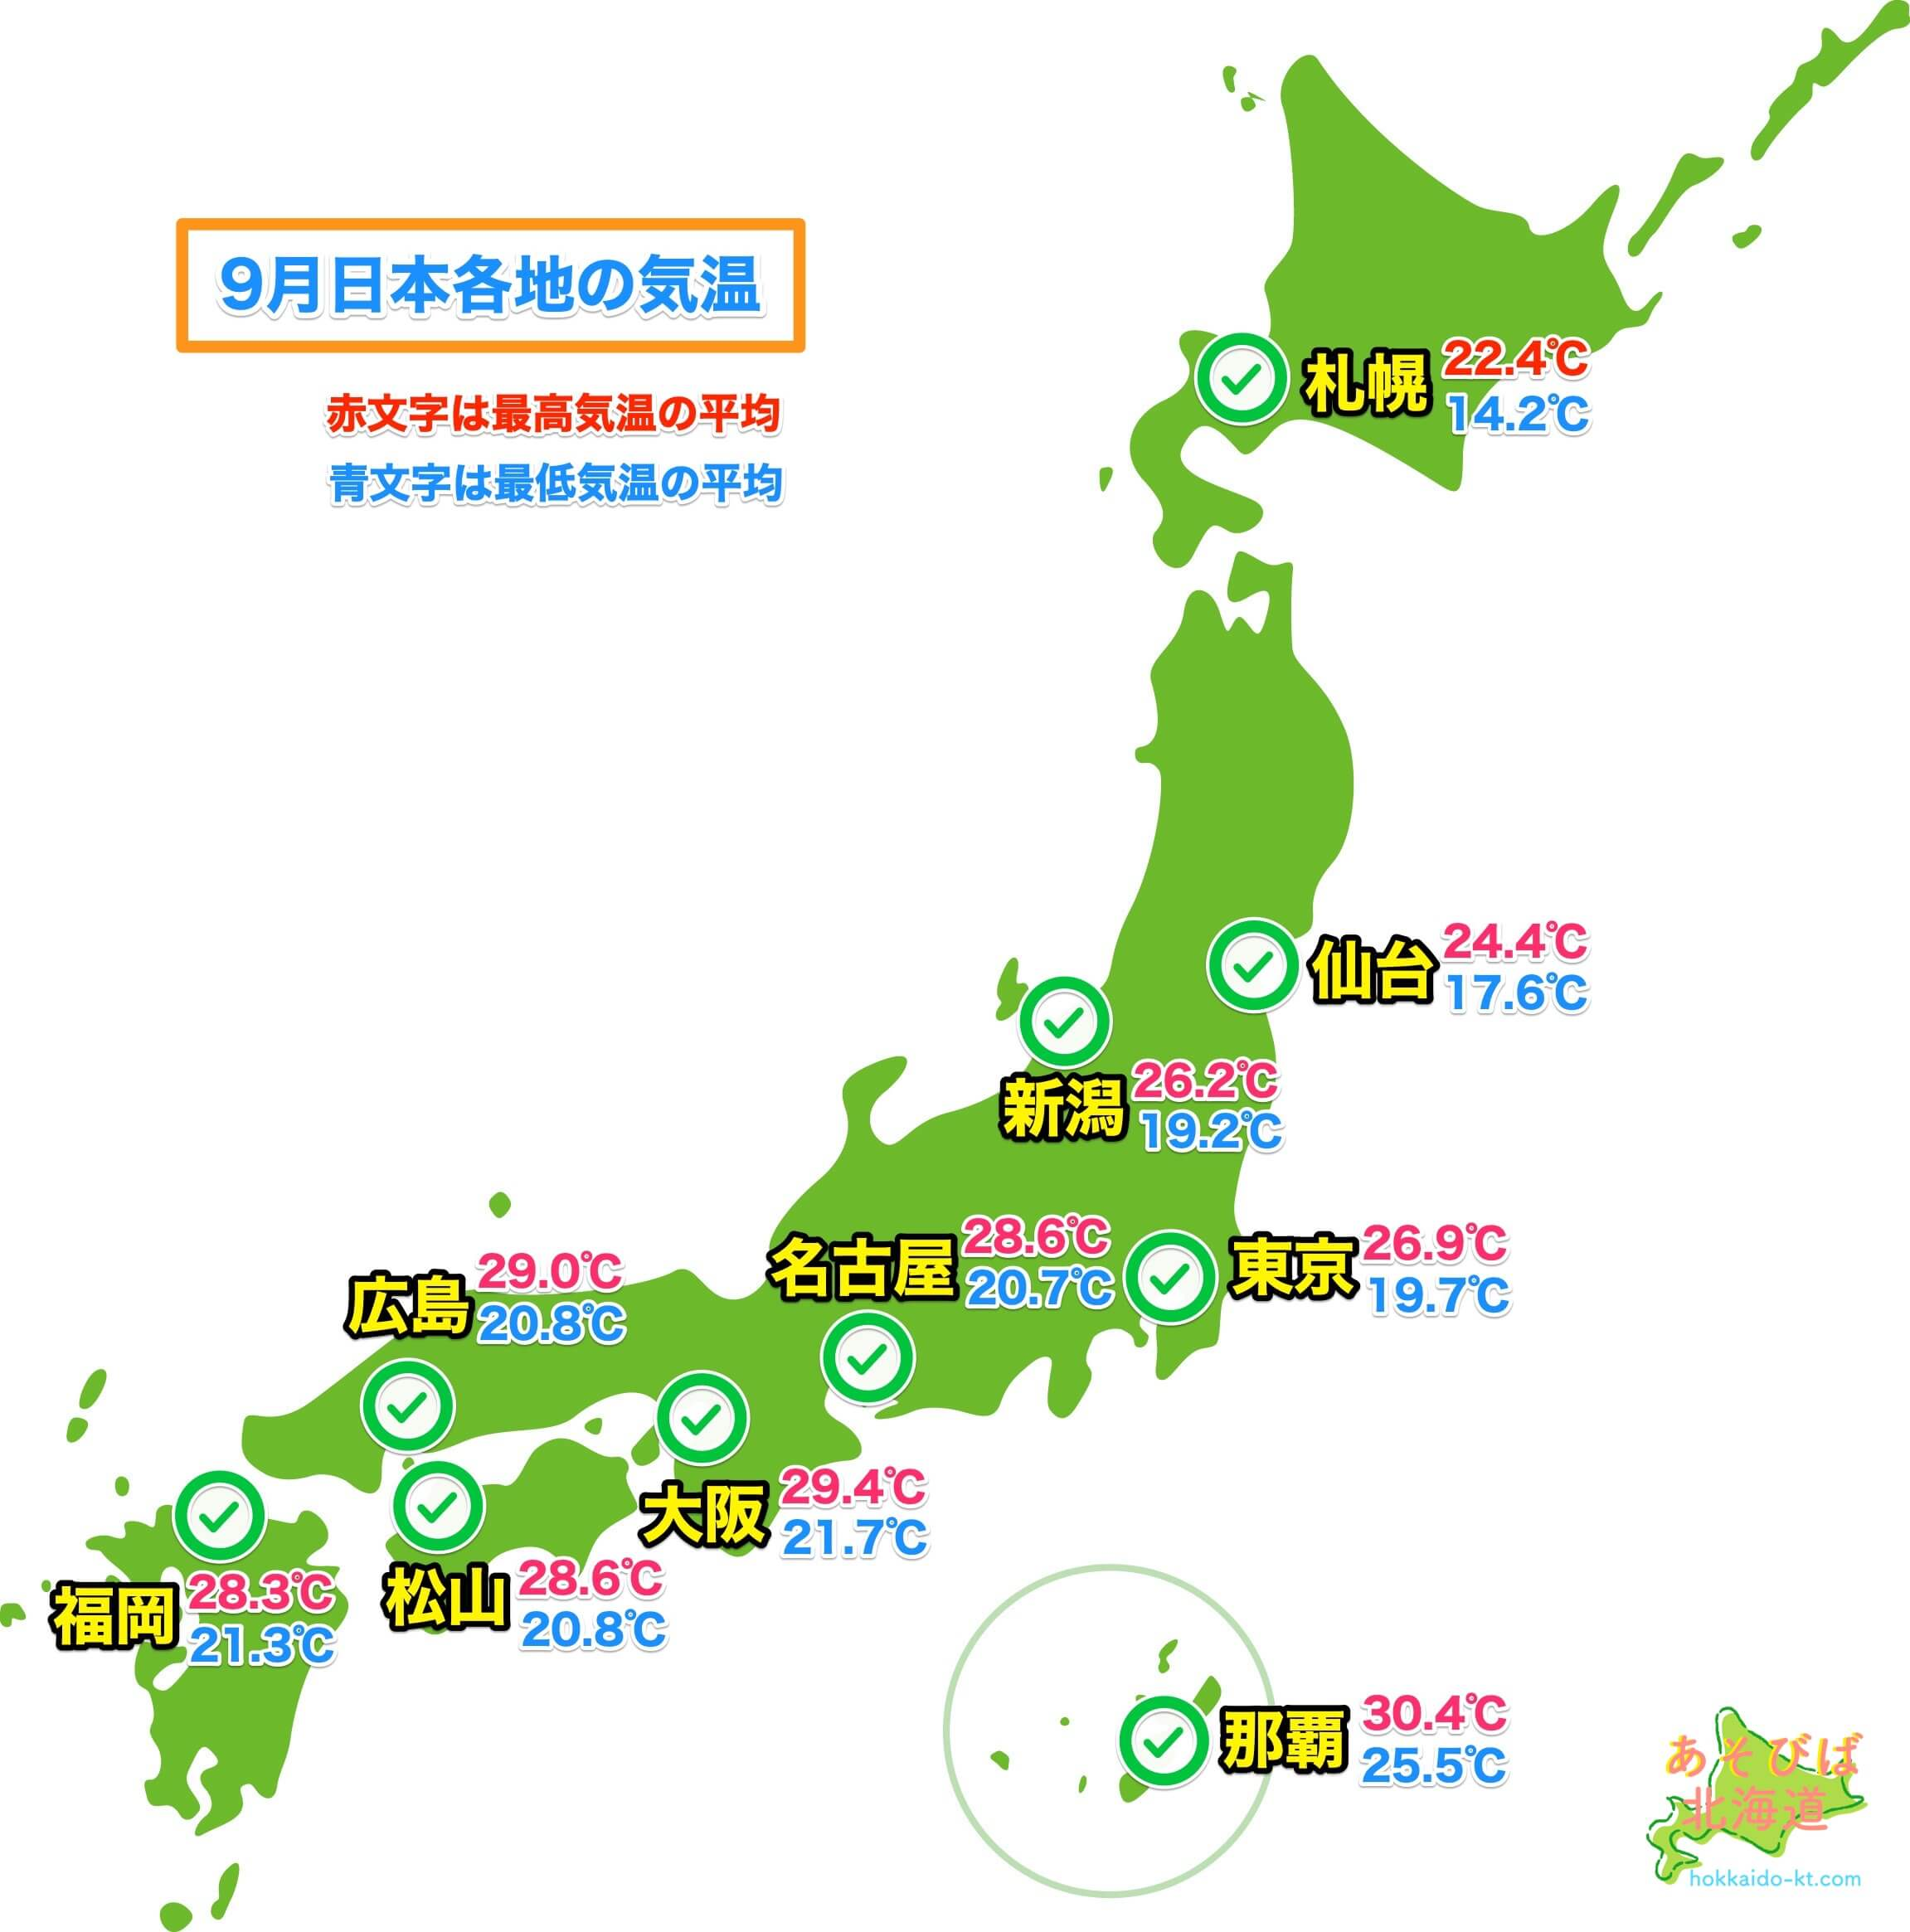 9月の日本各地の気温